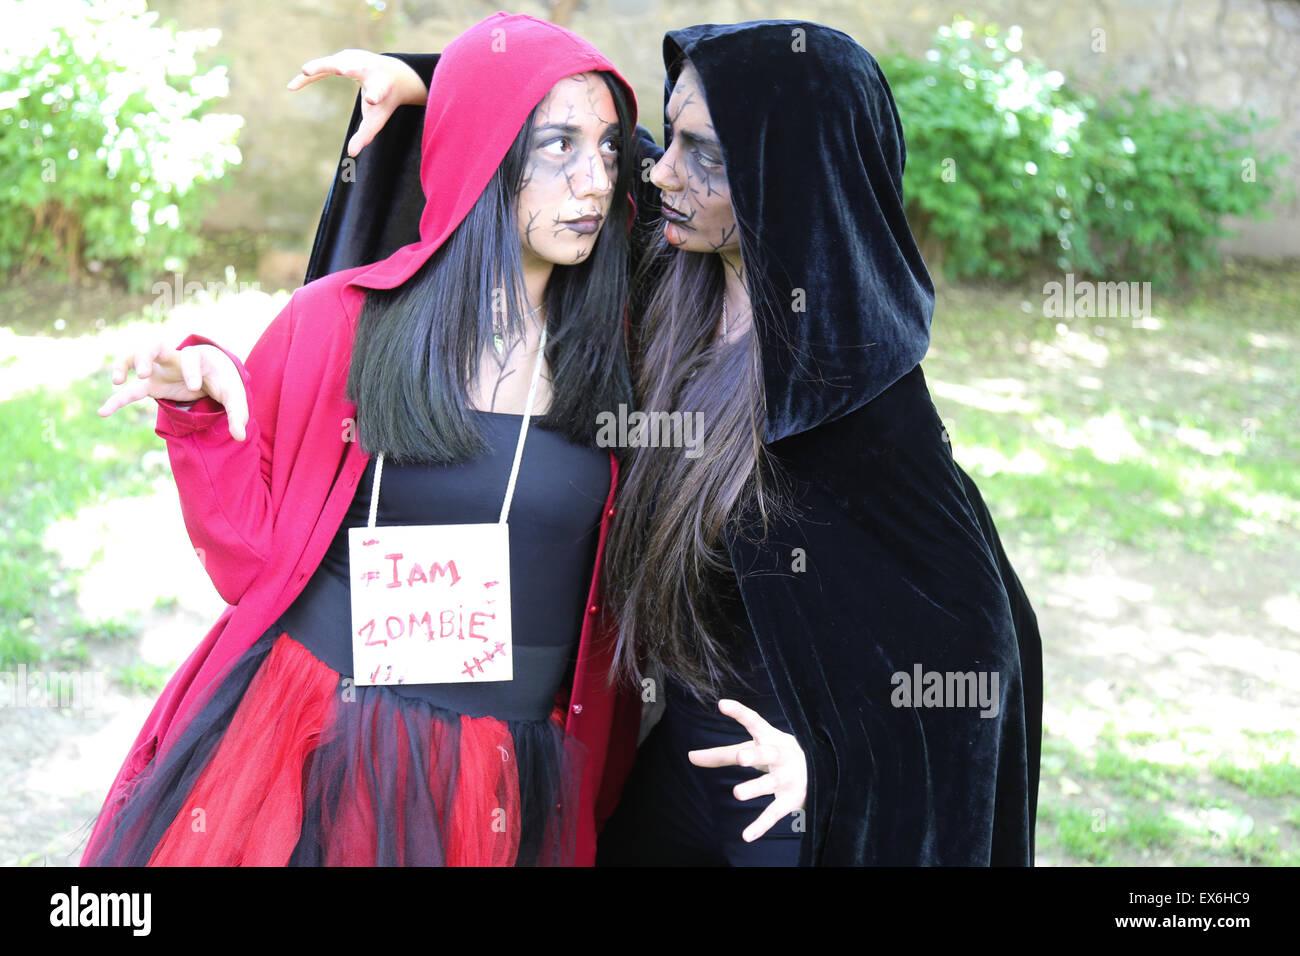 ISTANBUL, Türkei - 10. Mai 2015: Mädchen mitmachen und Spaß haben, während Zombie Walk Istanbul Stockbild